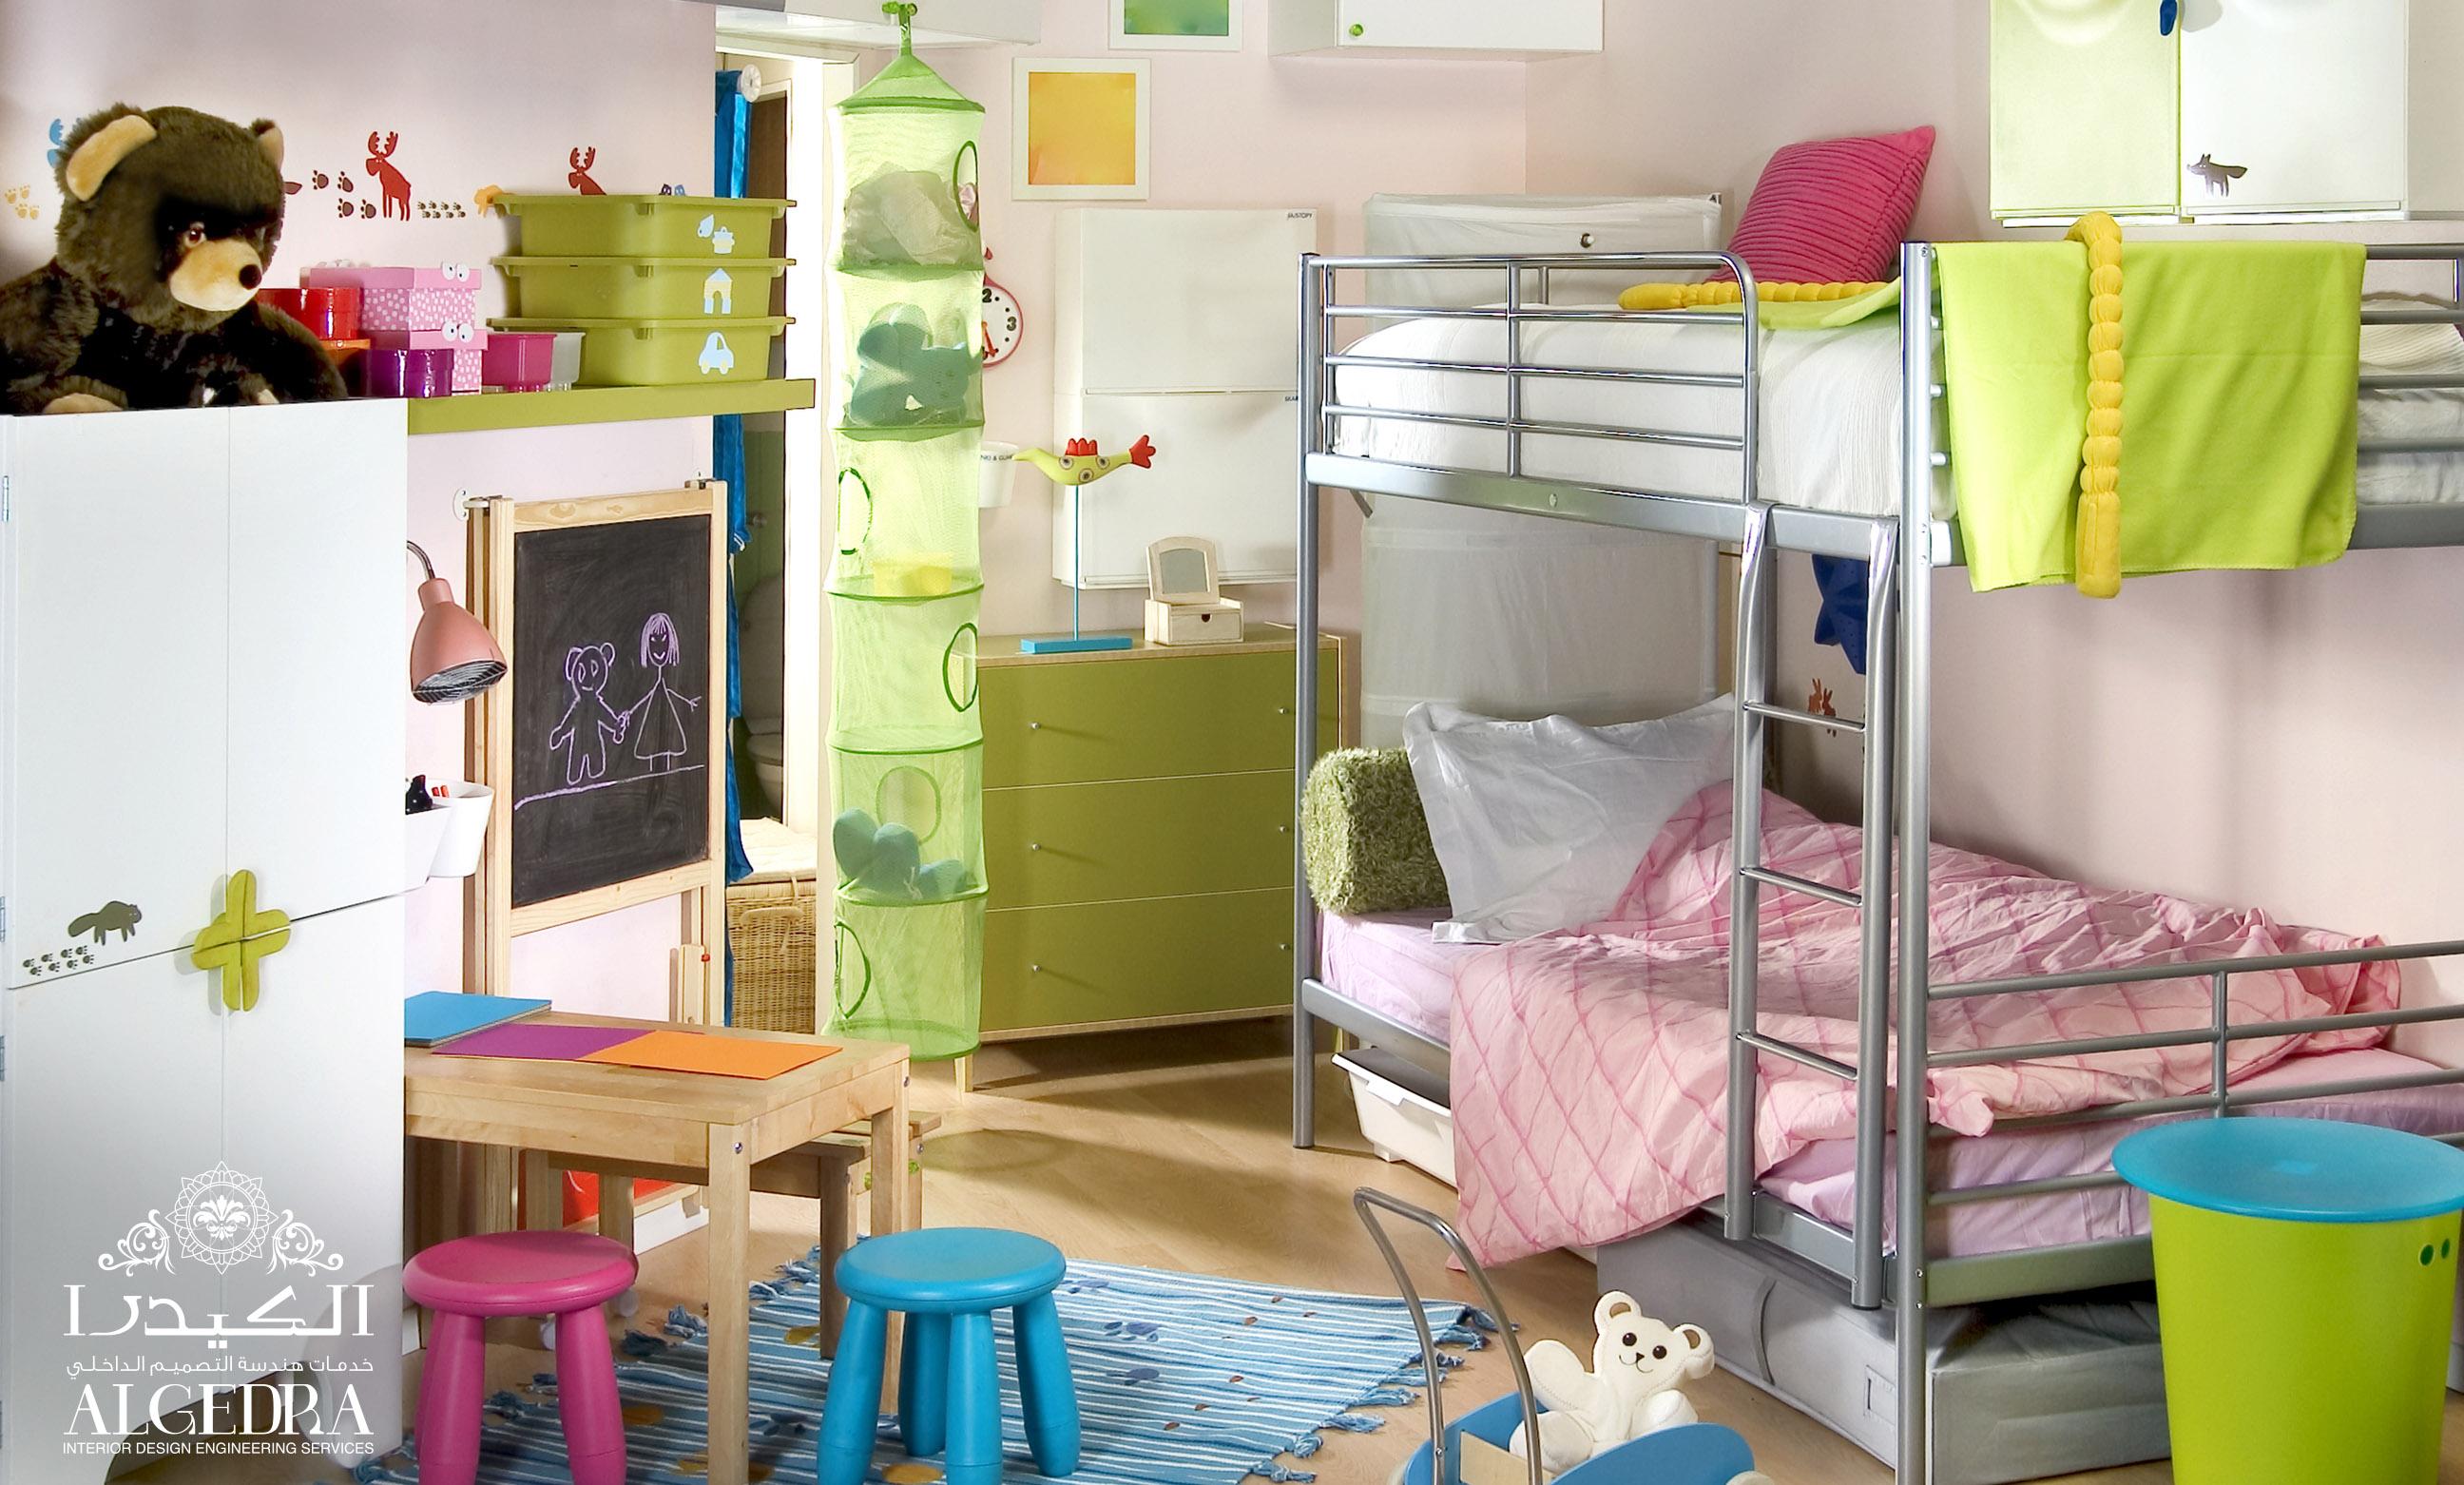 Small Space Children's Bedroom